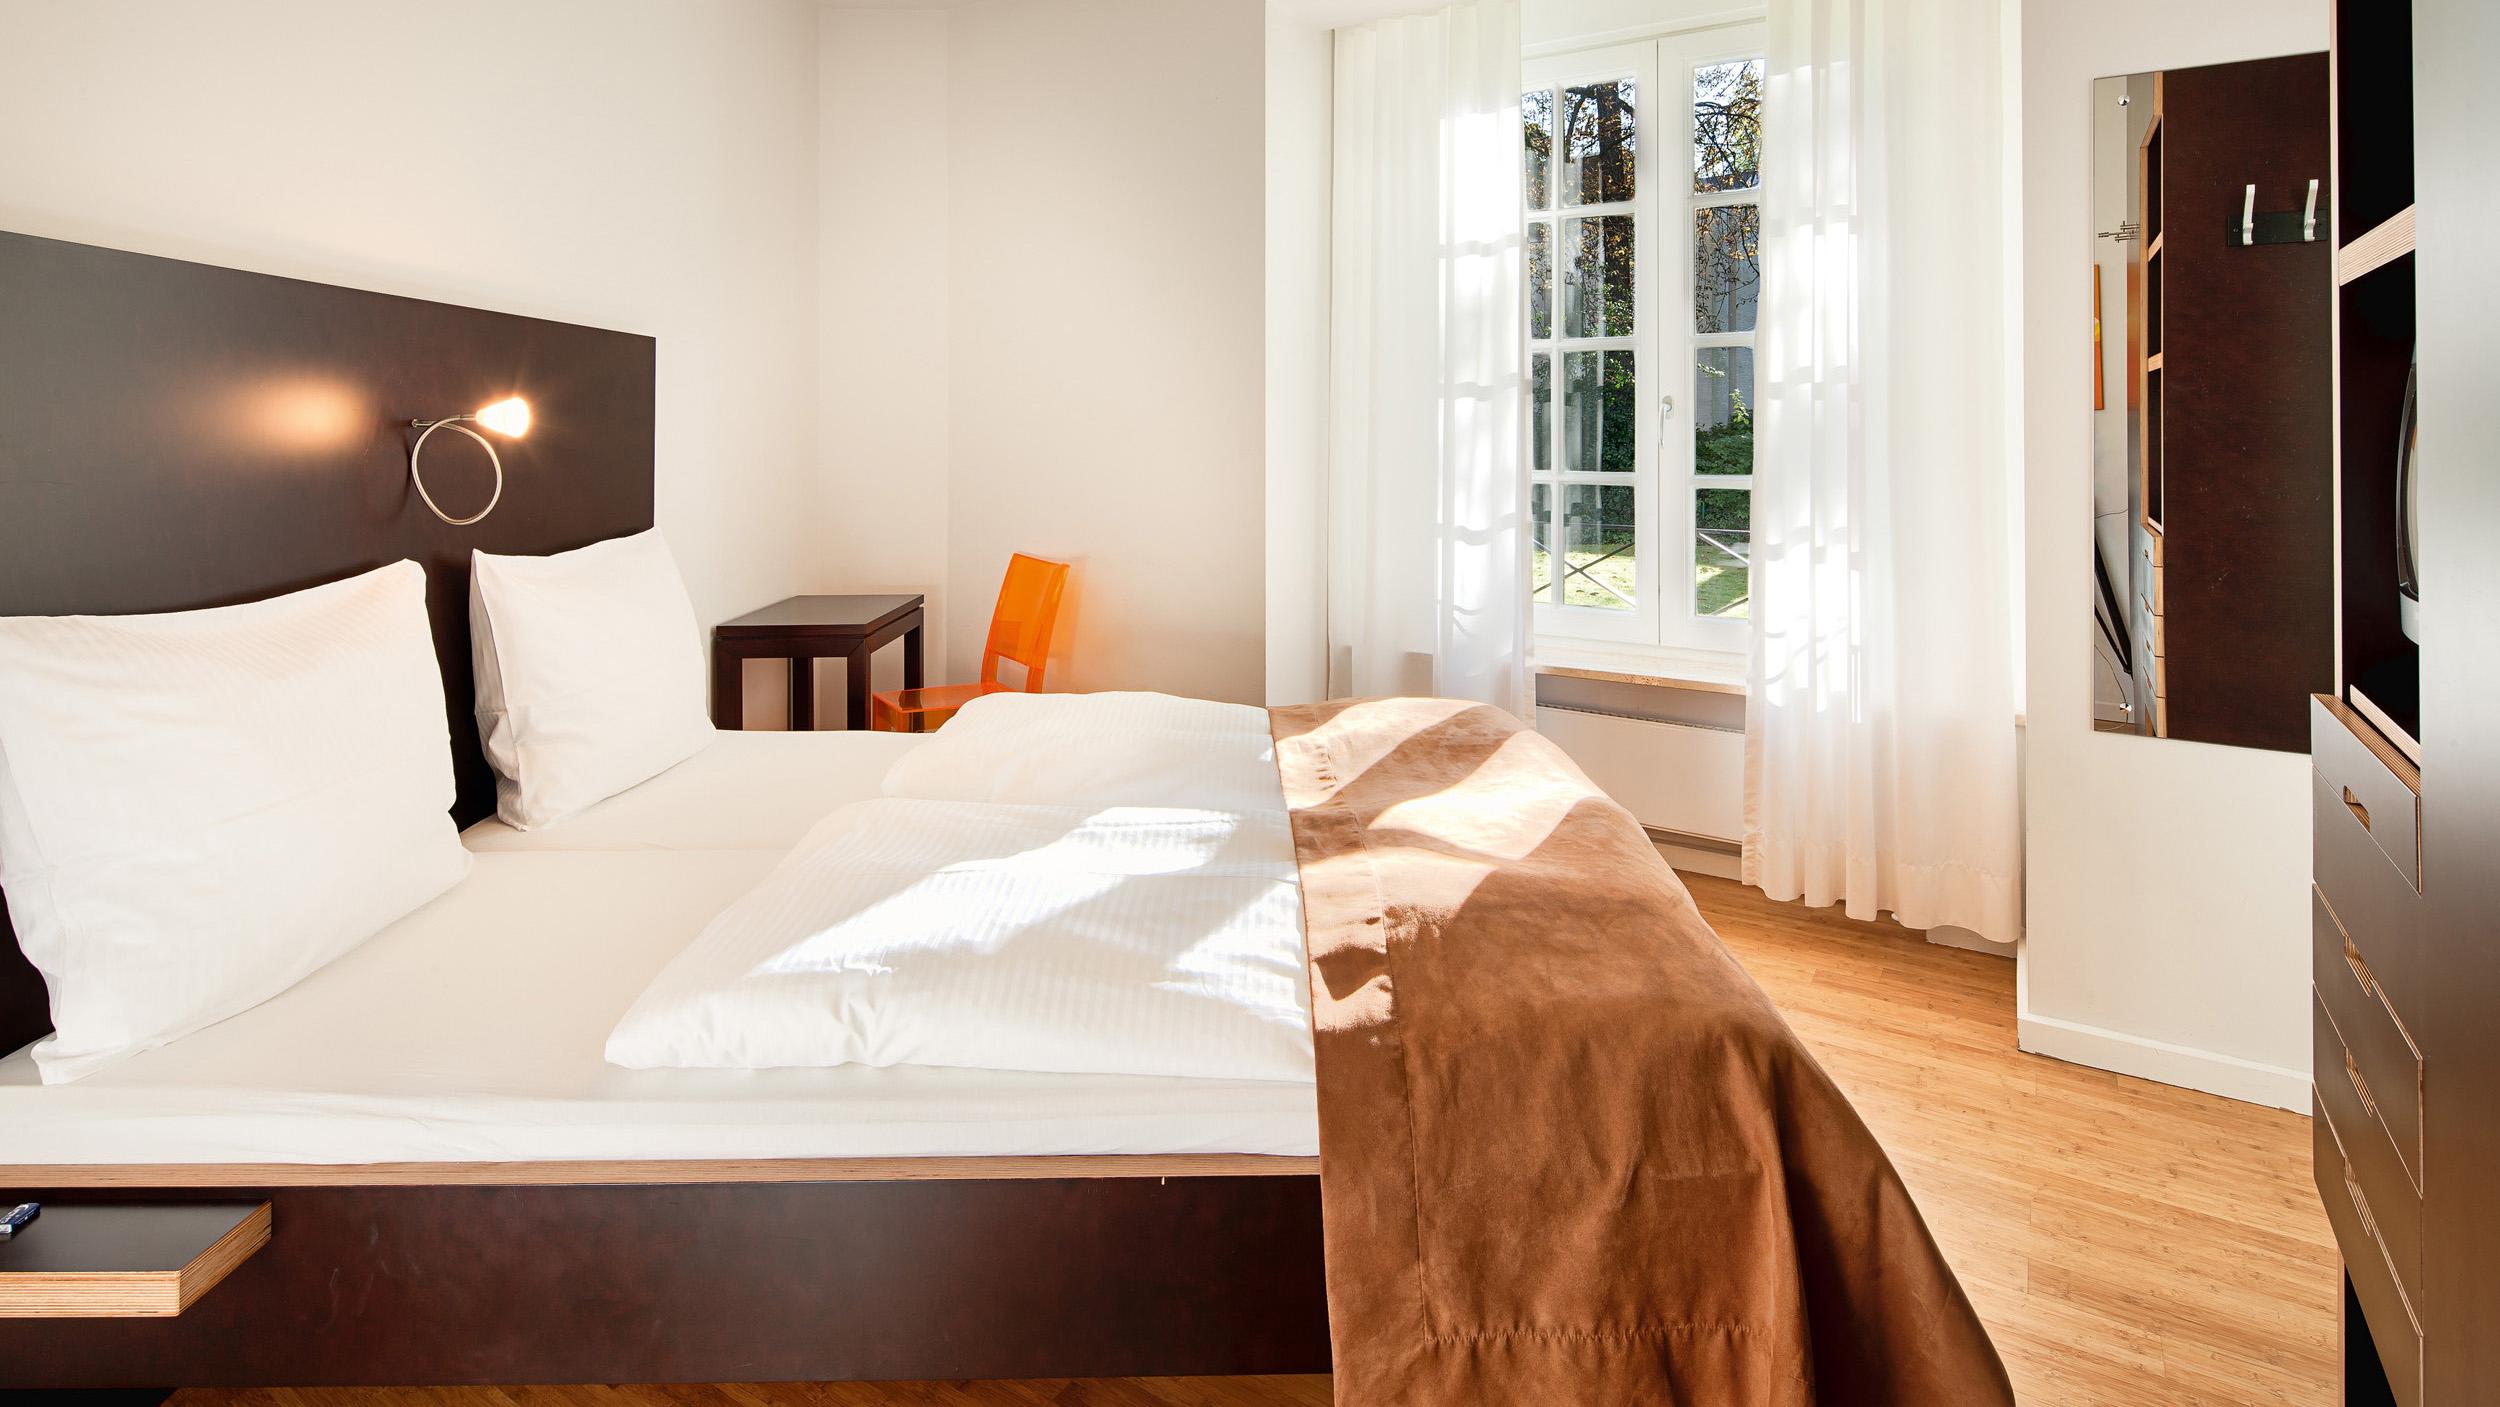 gaestehaus-der-elb-lounge-doppelzimmer